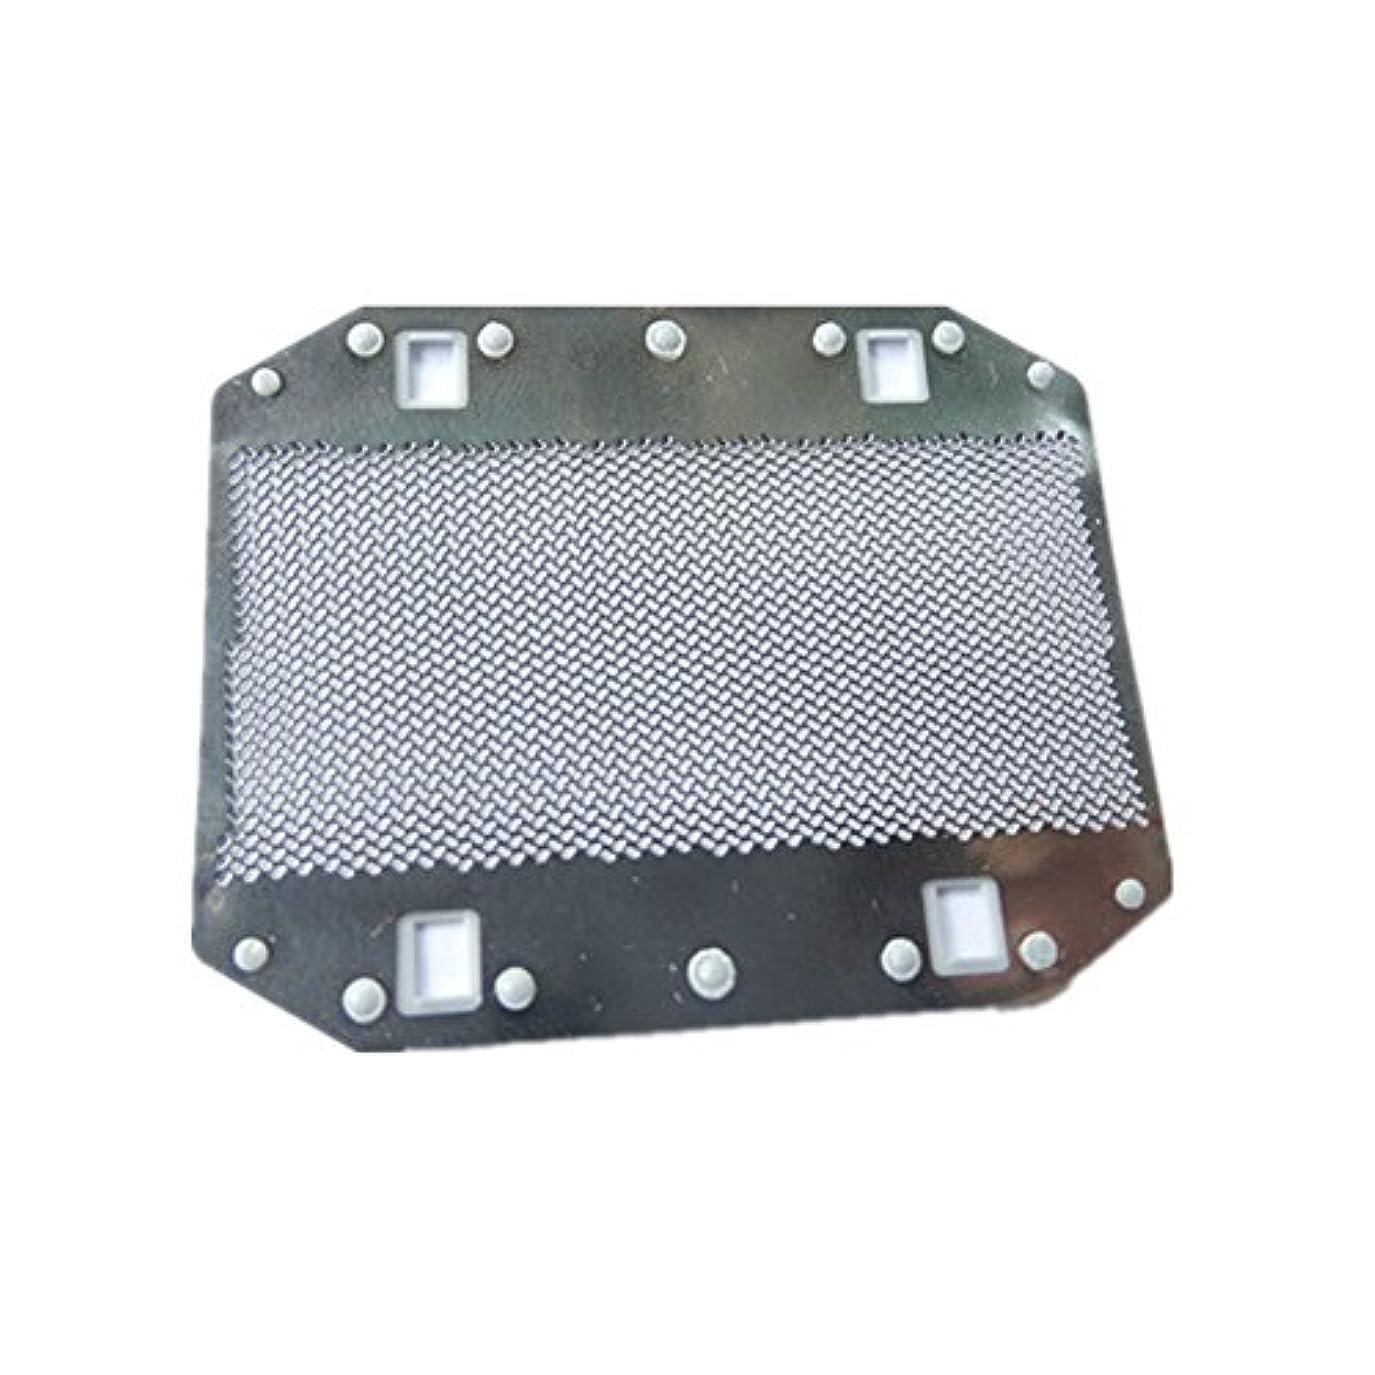 開拓者どこでも蒸気HZjundasi Replacement Outer ホイル for Panasonic ES3750/3760/RP40/815/3050 ES9943